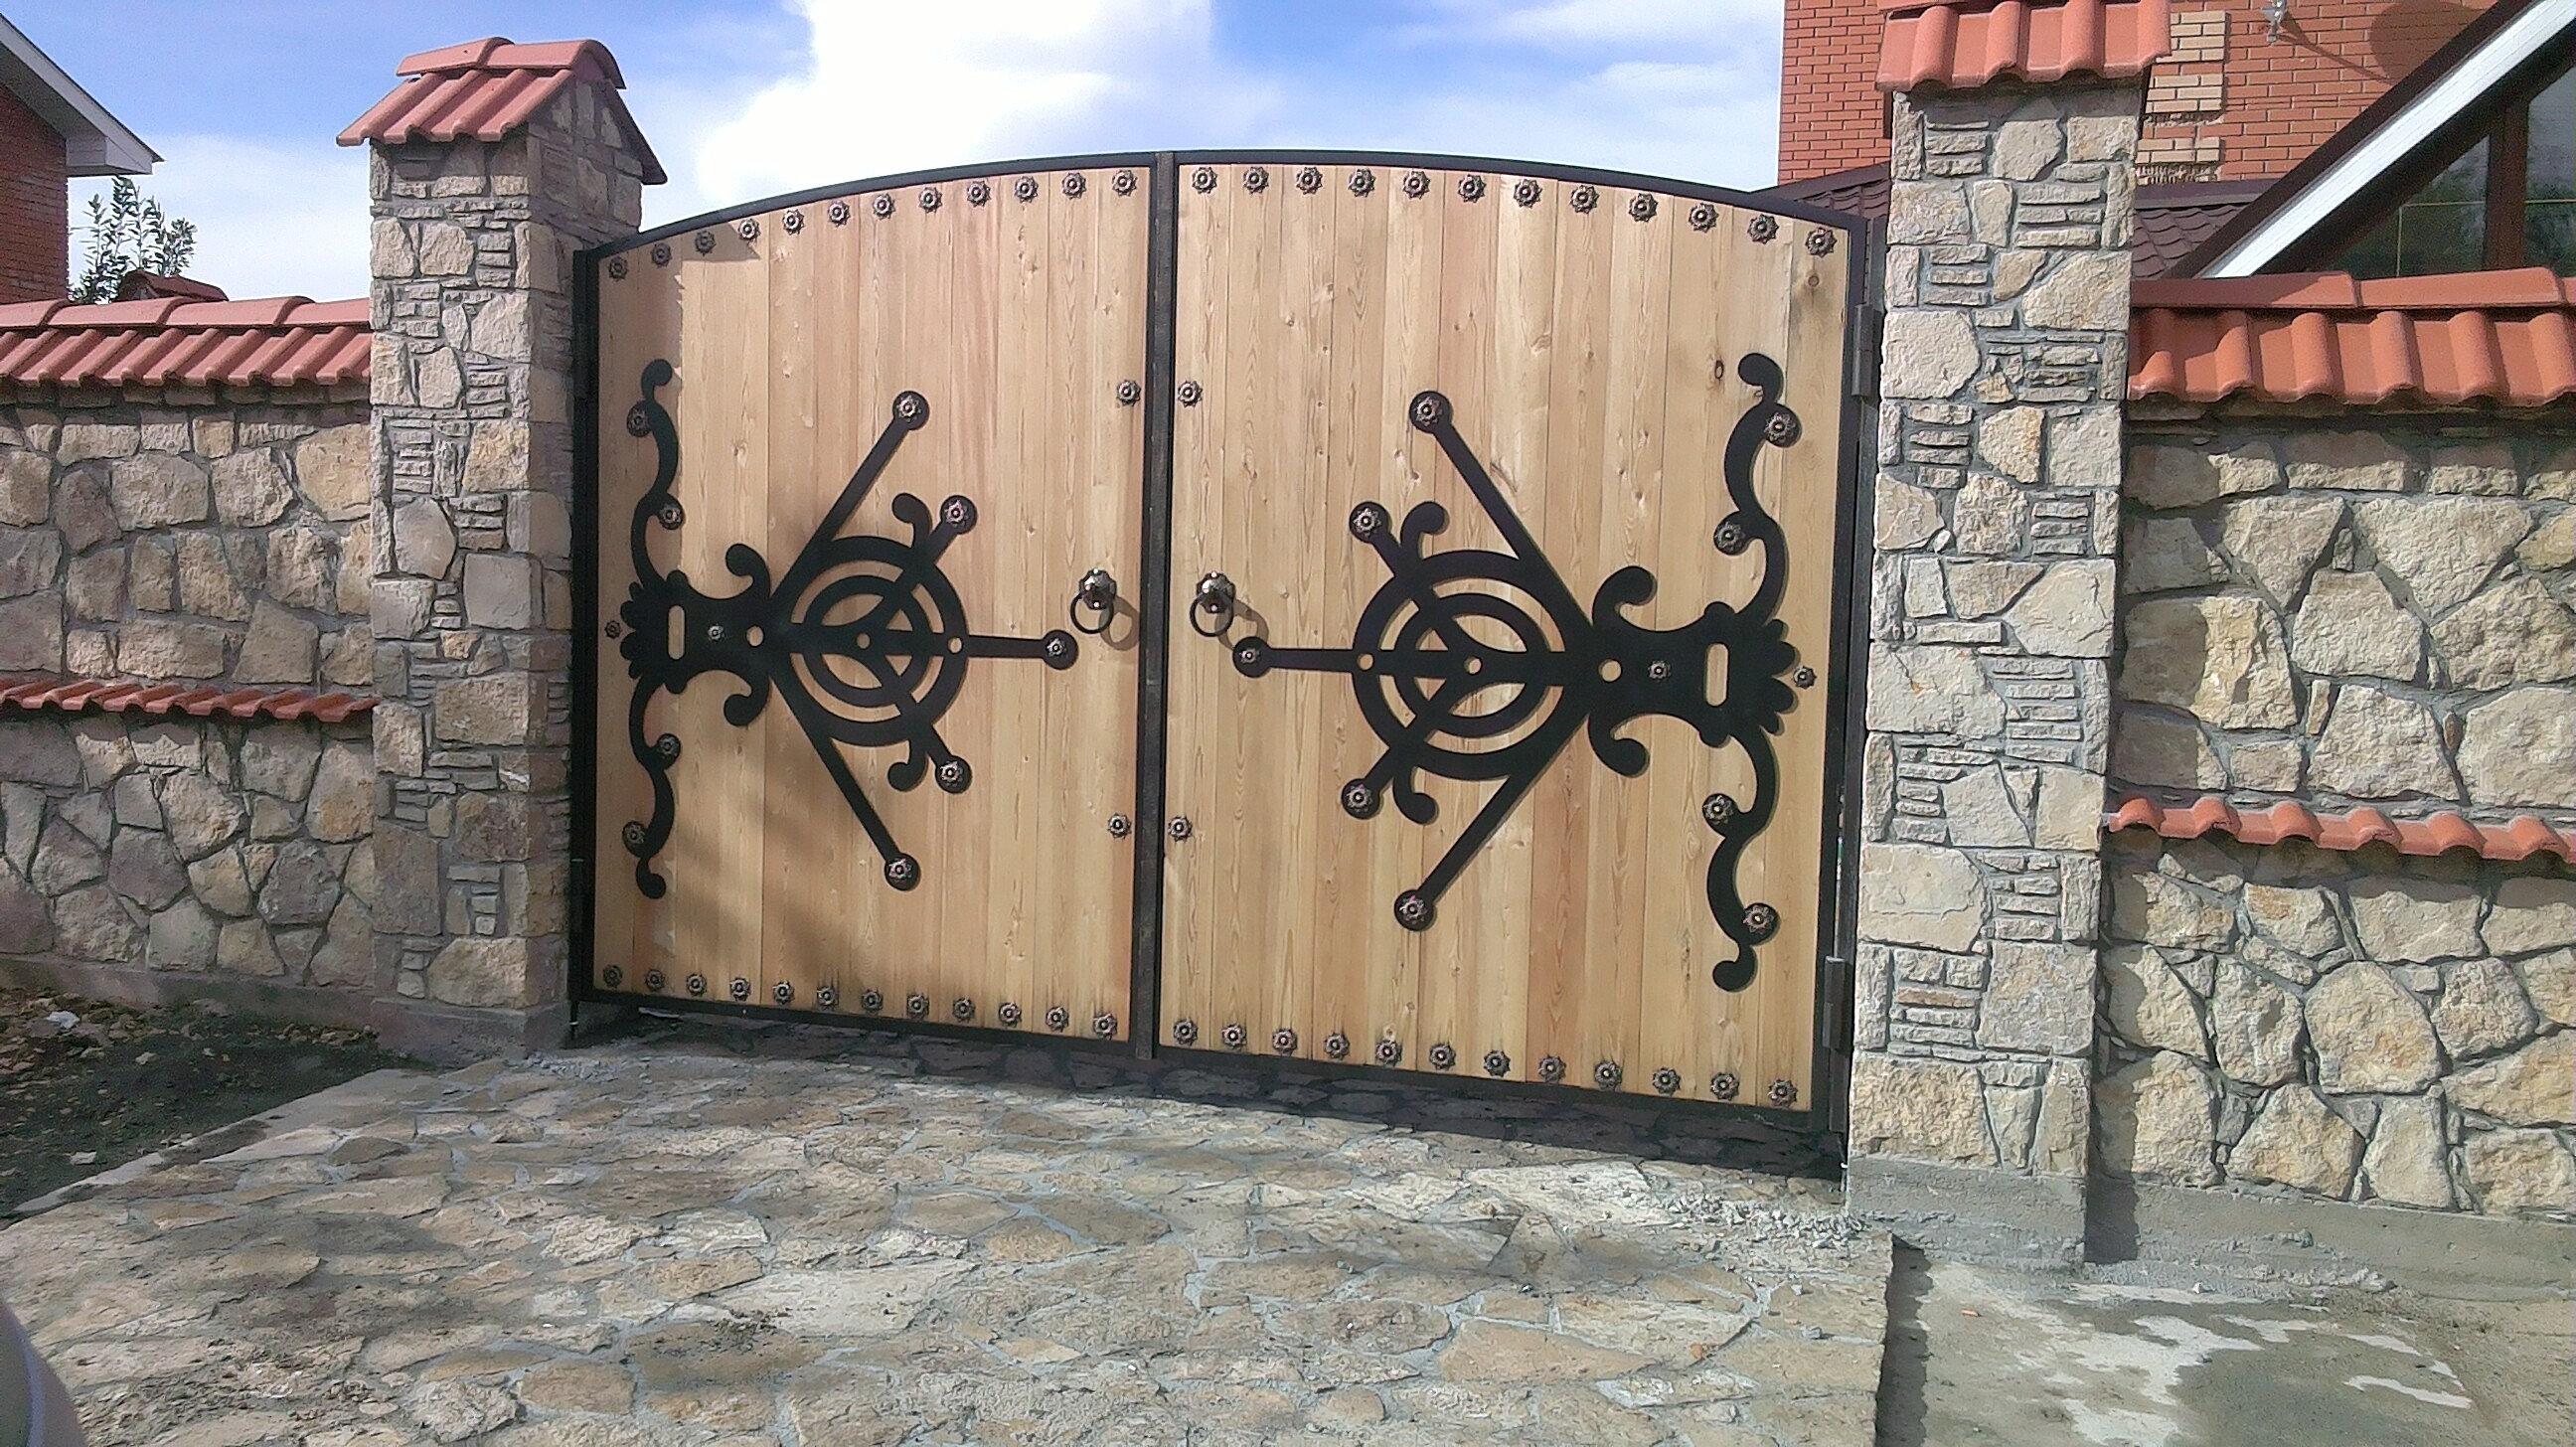 Ворота автоматические распашные цены казань фарнитура для откатных ворот купить в москве